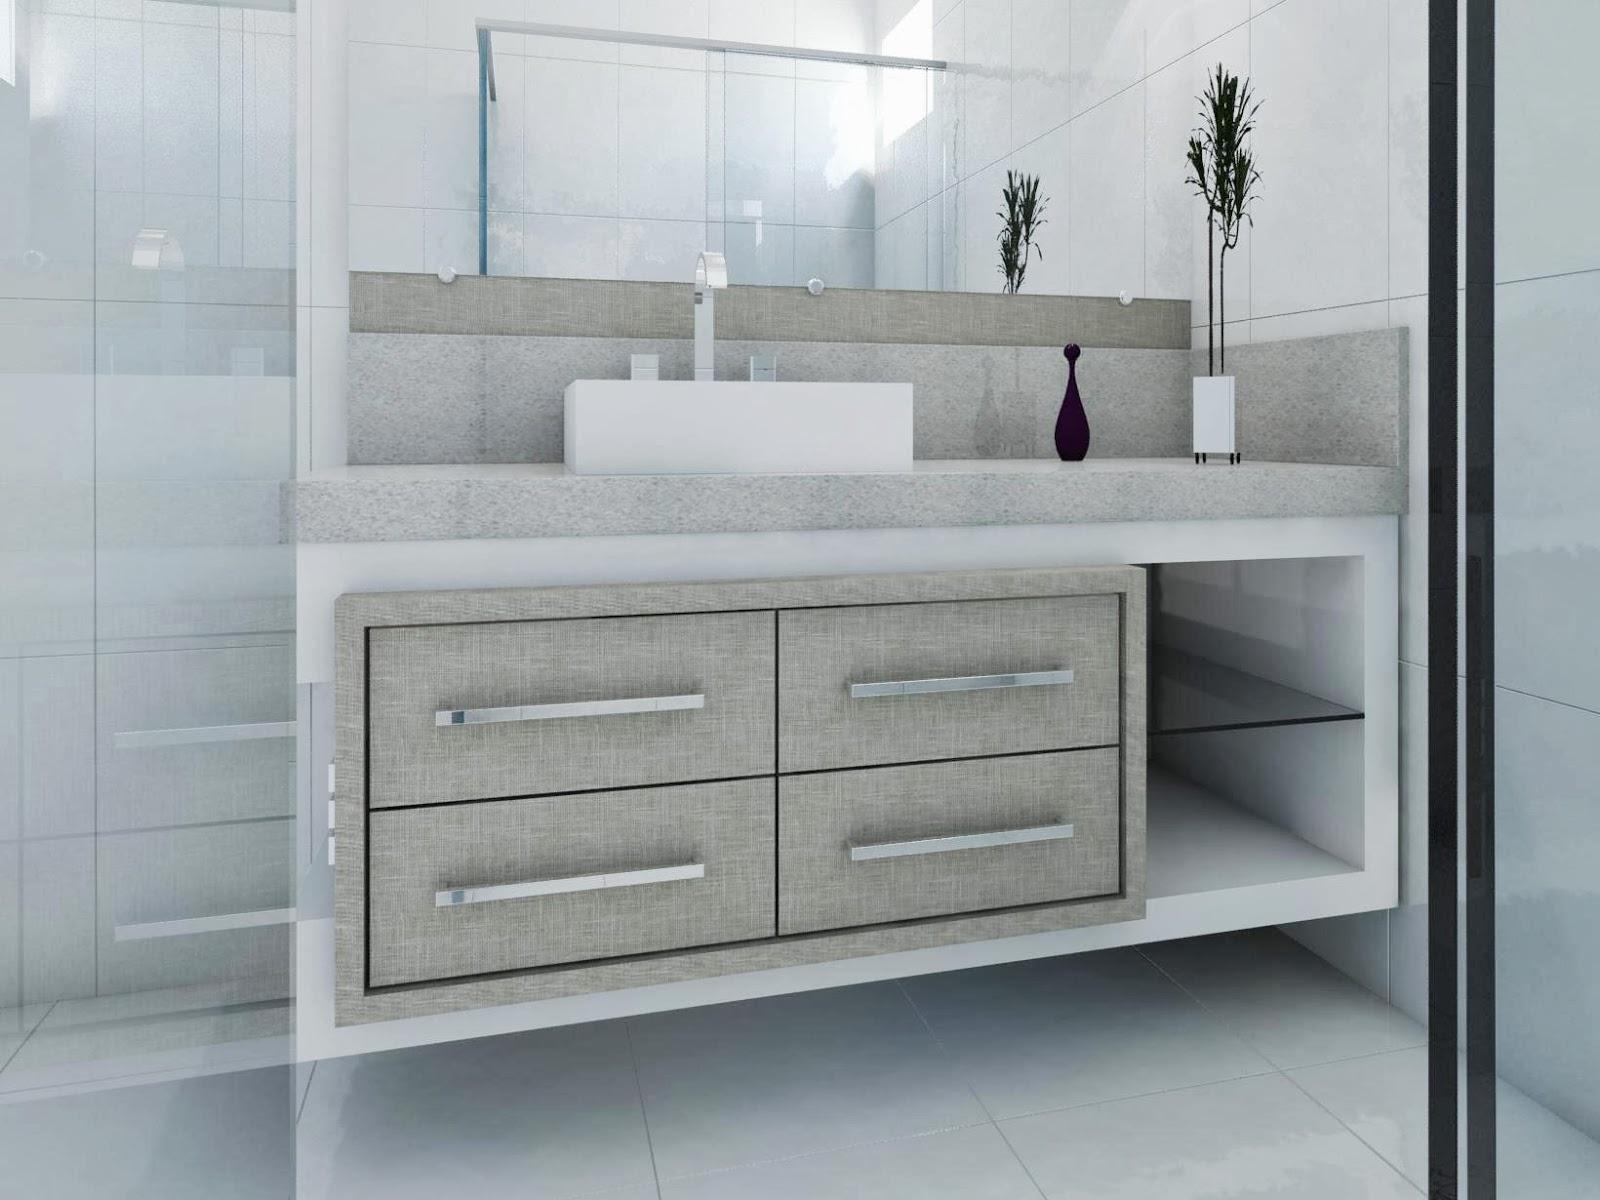 Móveis Maderson: Banheiros modernos! Faça o seu ! #505B60 1600 1200